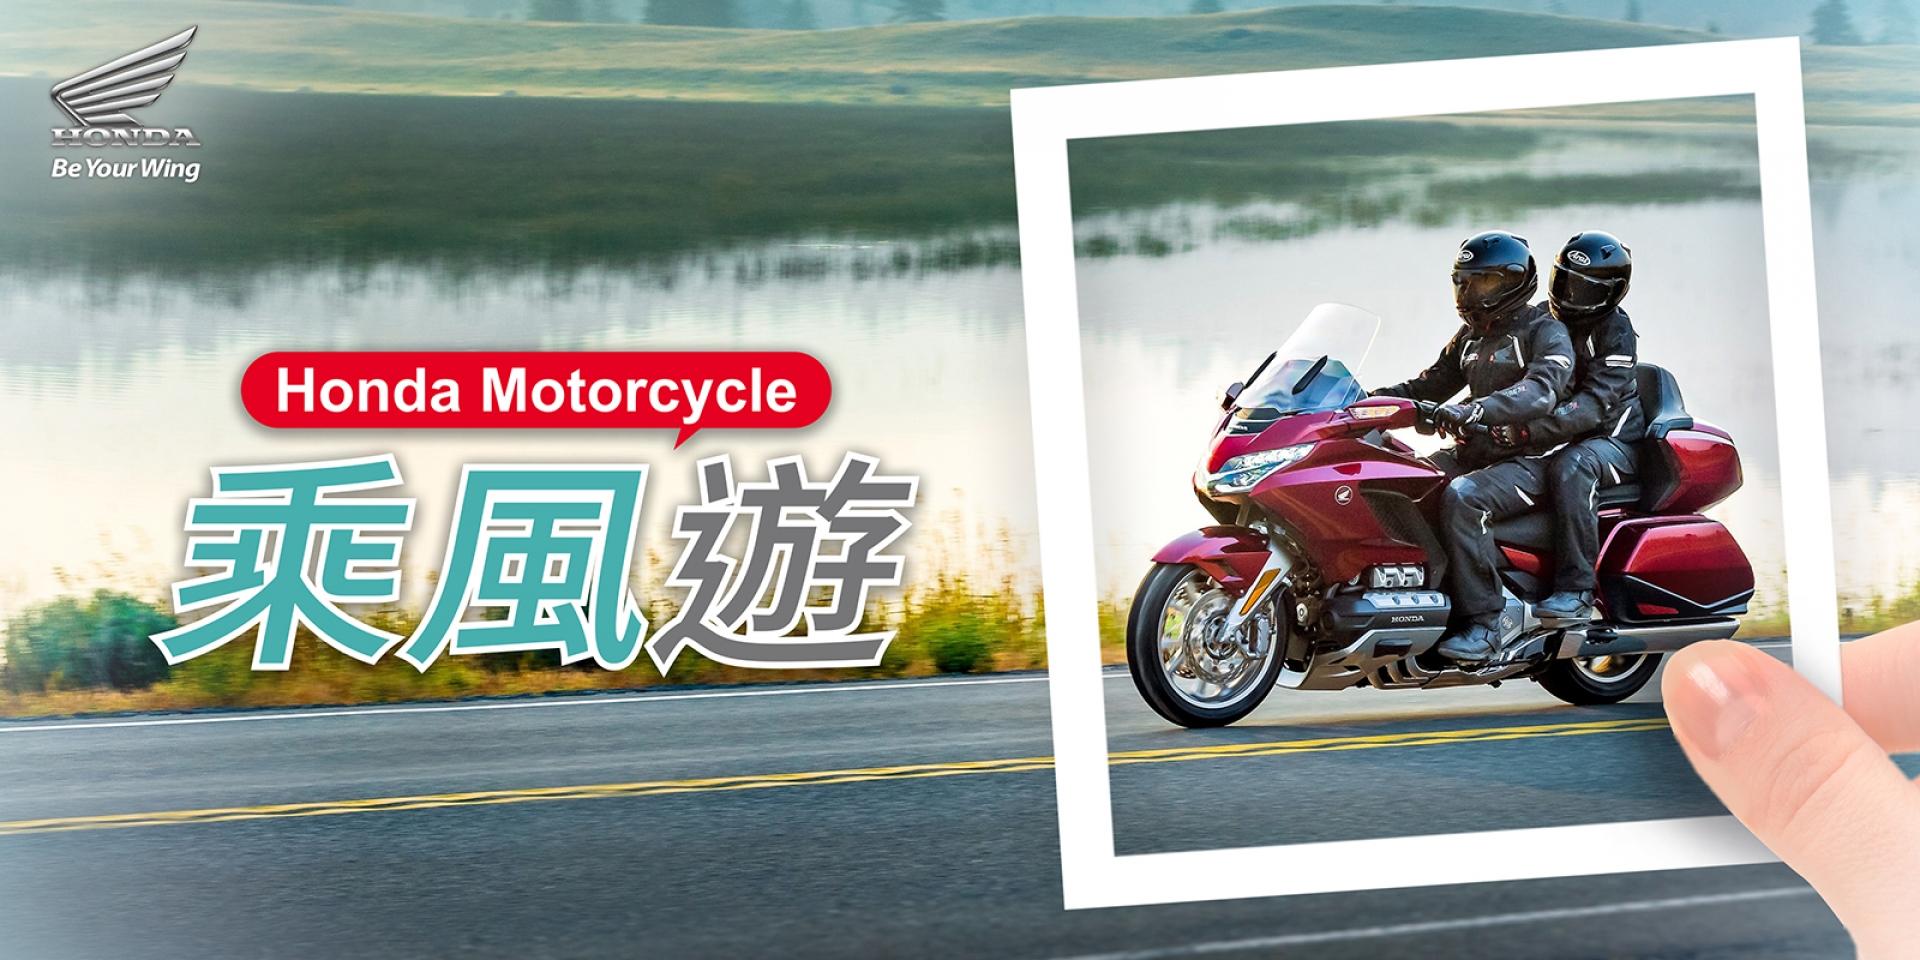 官方新聞稿。2019 Honda Motorcycle 乘風遊車主活動開跑